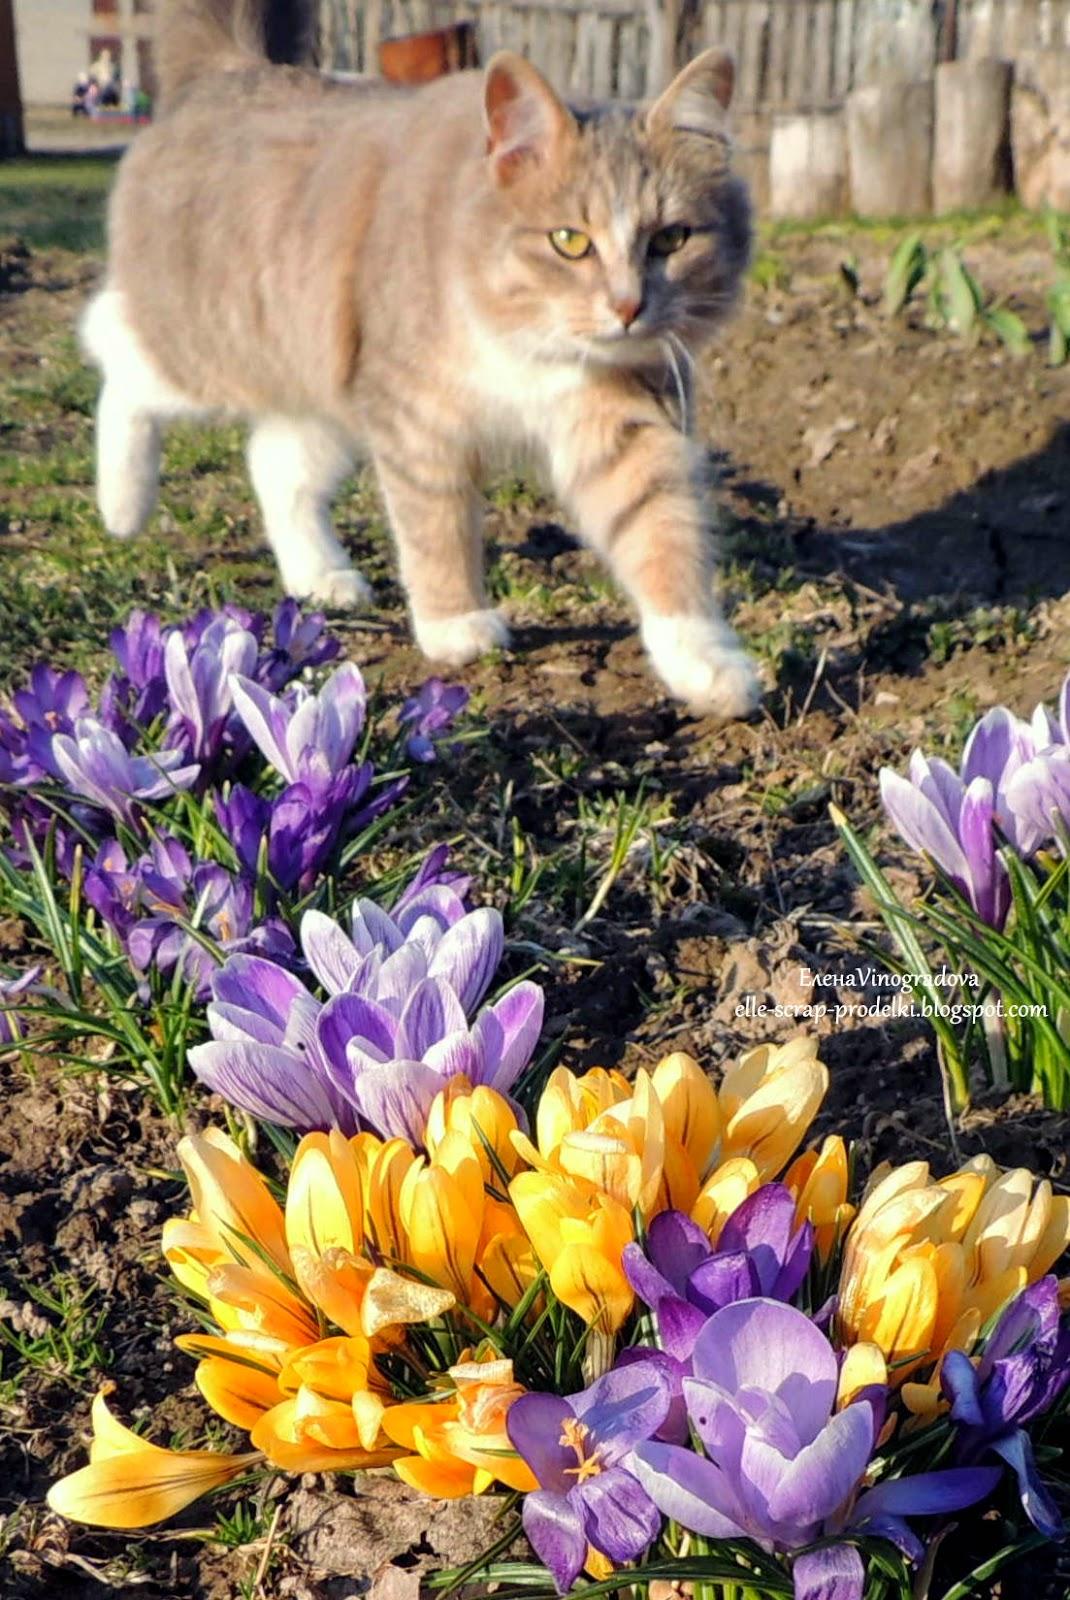 ЕленаVinogradova. Цветы нашего сада #4